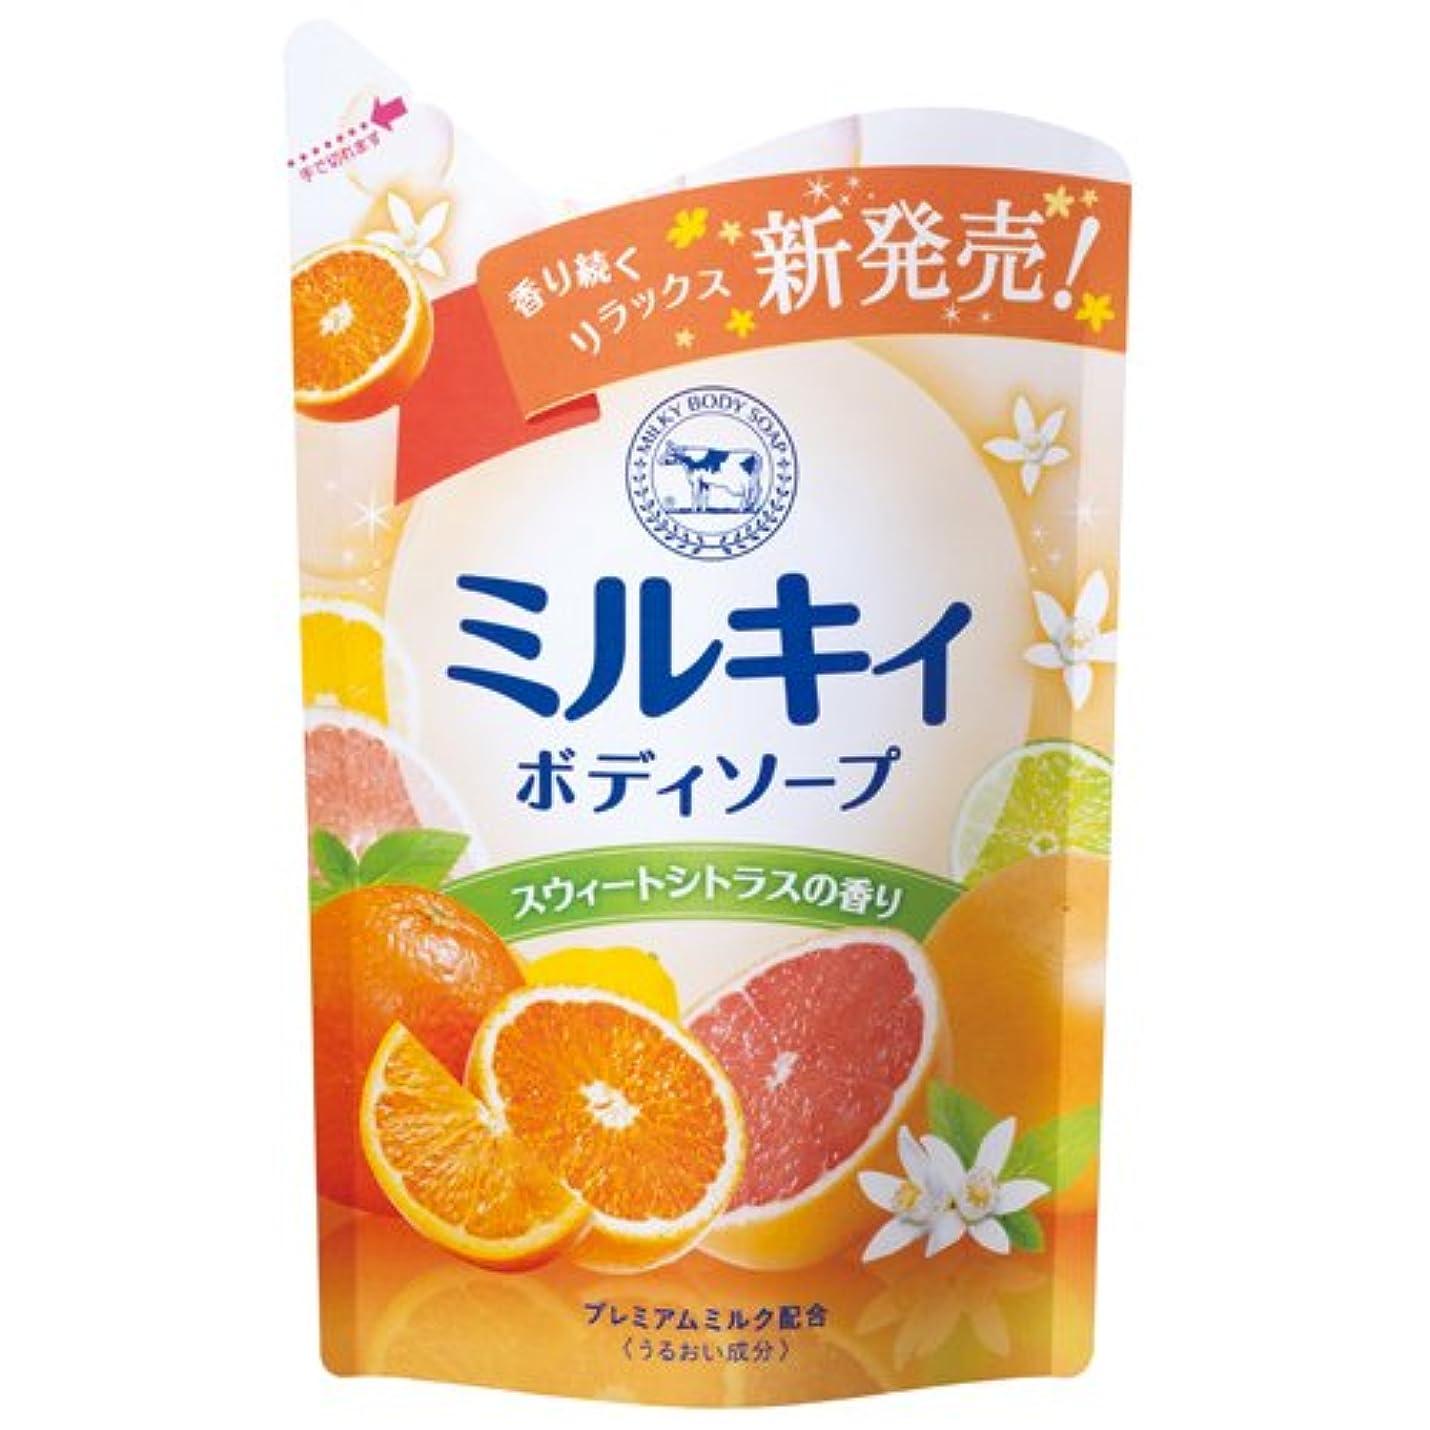 リネン列挙する廃止ミルキィボディソープ スウィートシトラスの香り 詰替用 430mL